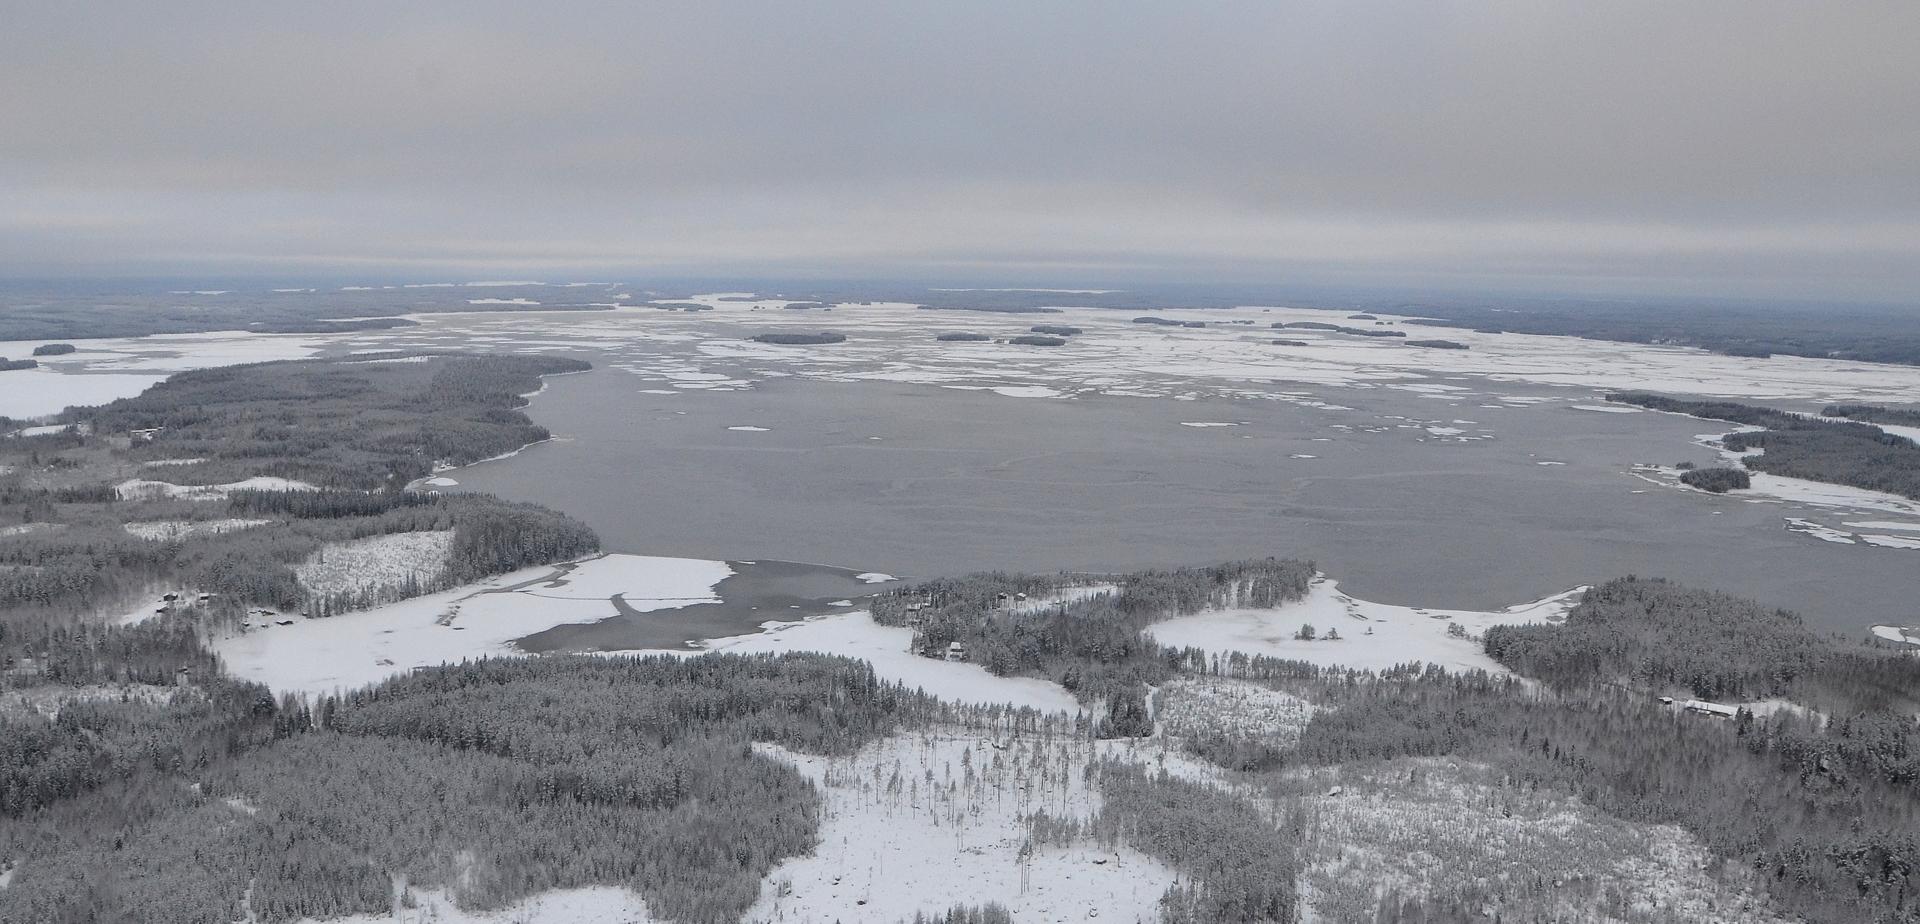 17.12.2017 Kolima jäätyi kokonaan edellisen yön aikana. Vasemmalla Houninniemi, järven takana Pihtipudas.